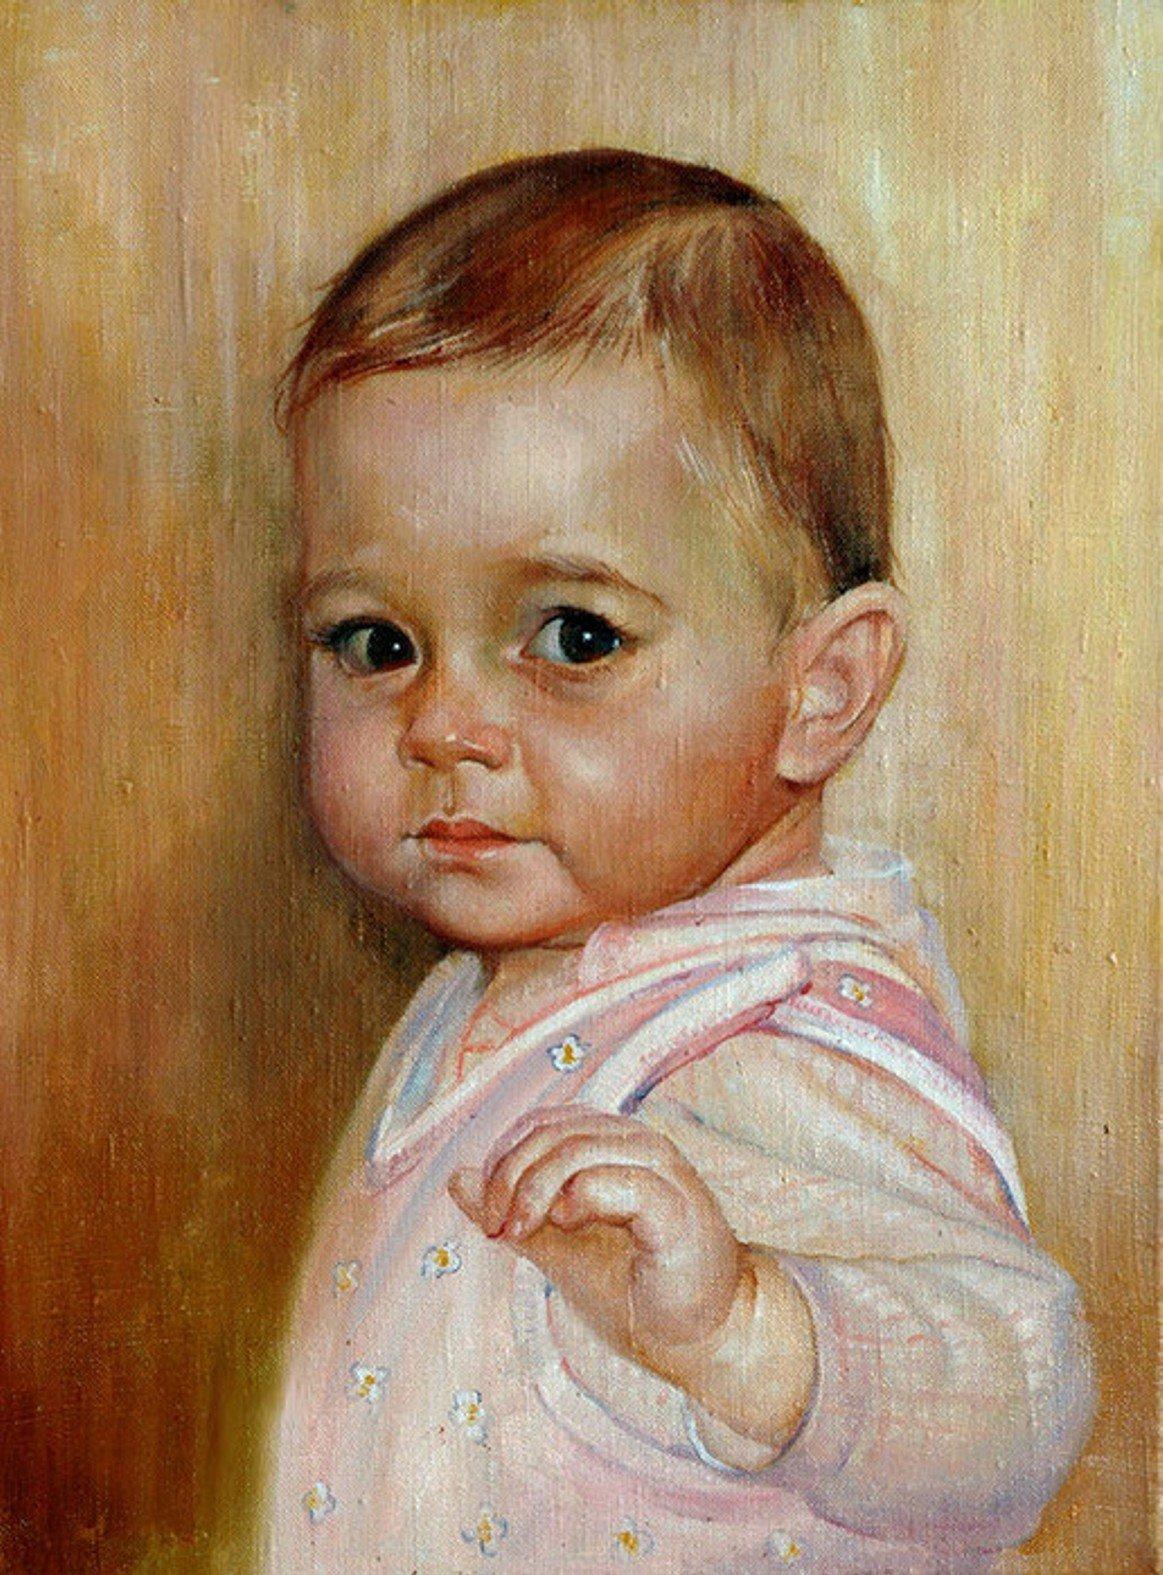 Картинки с маленьким мальчиком нарисованные, своими руками юбилей